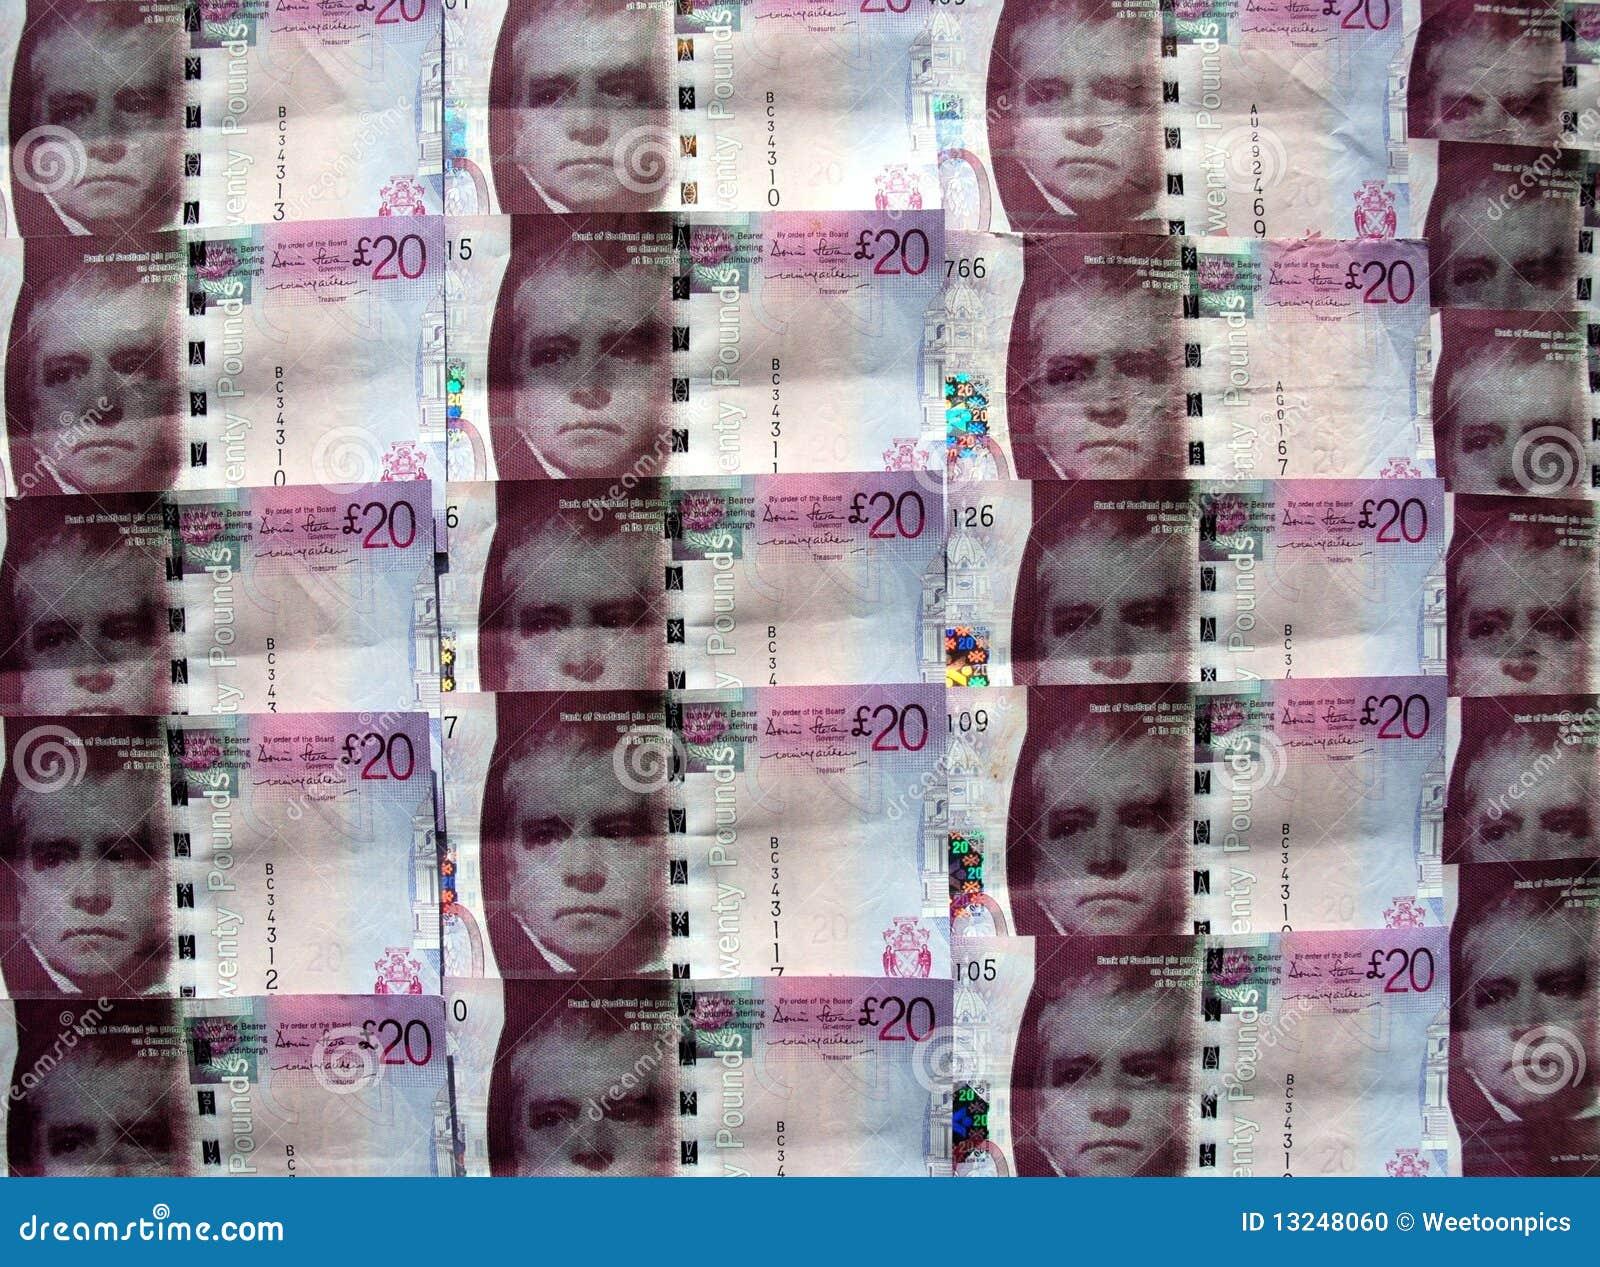 Σκωτσέζικα χρήματα.